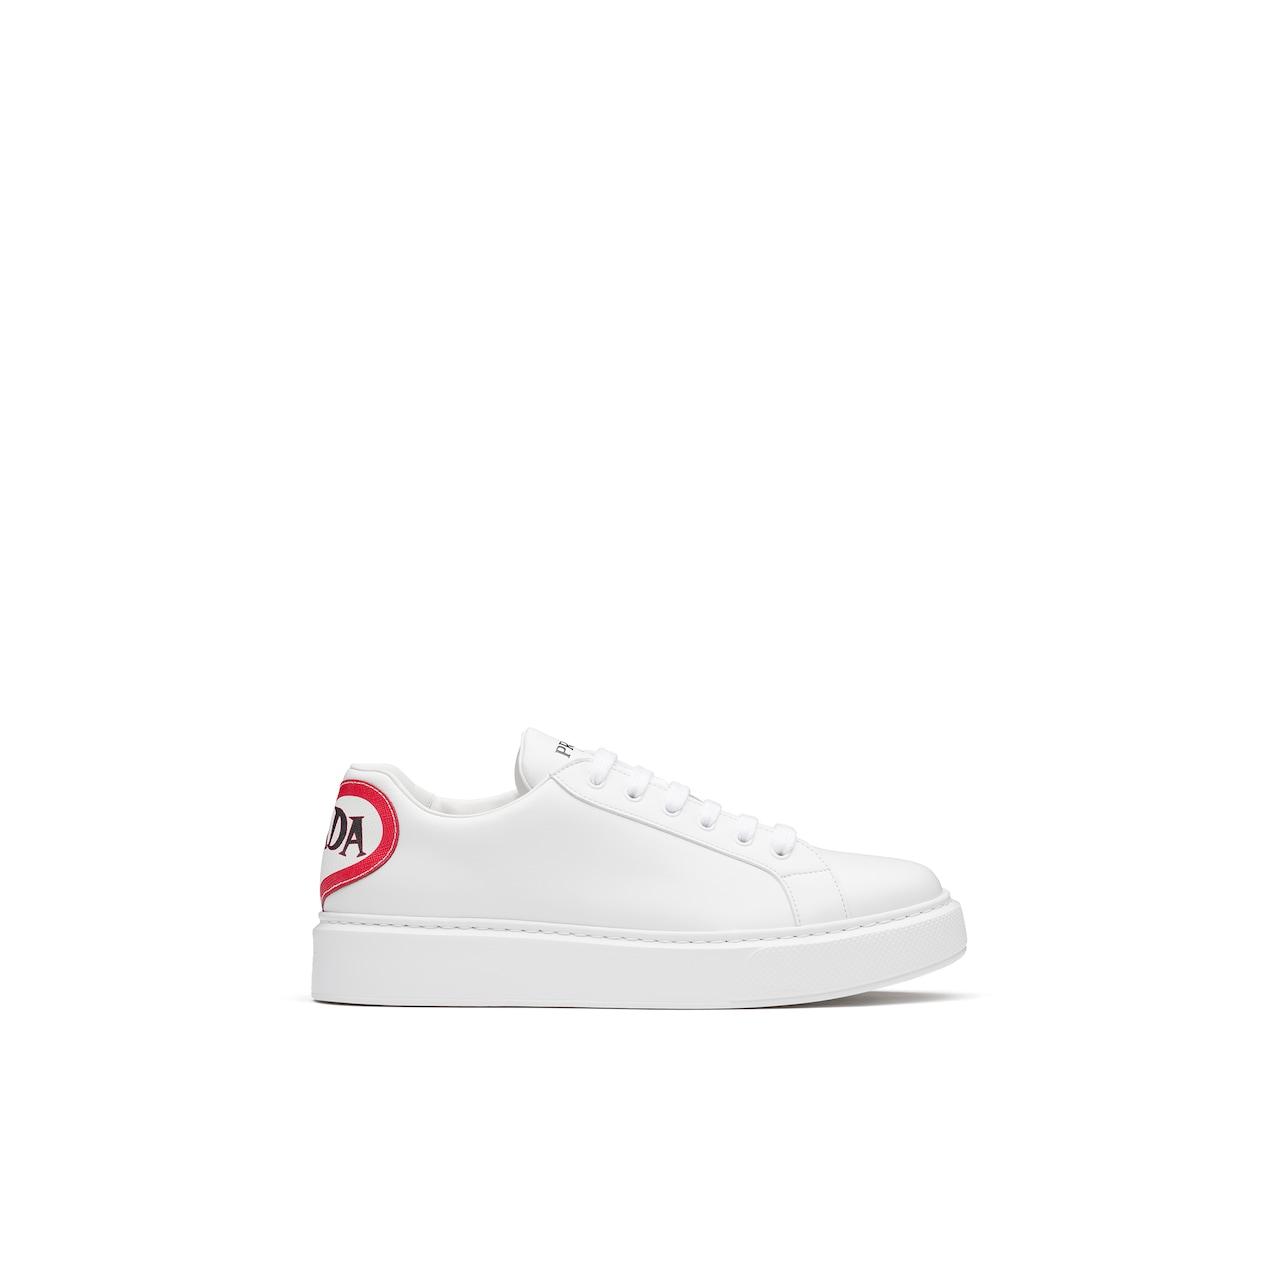 Prada 皮革运动鞋 2